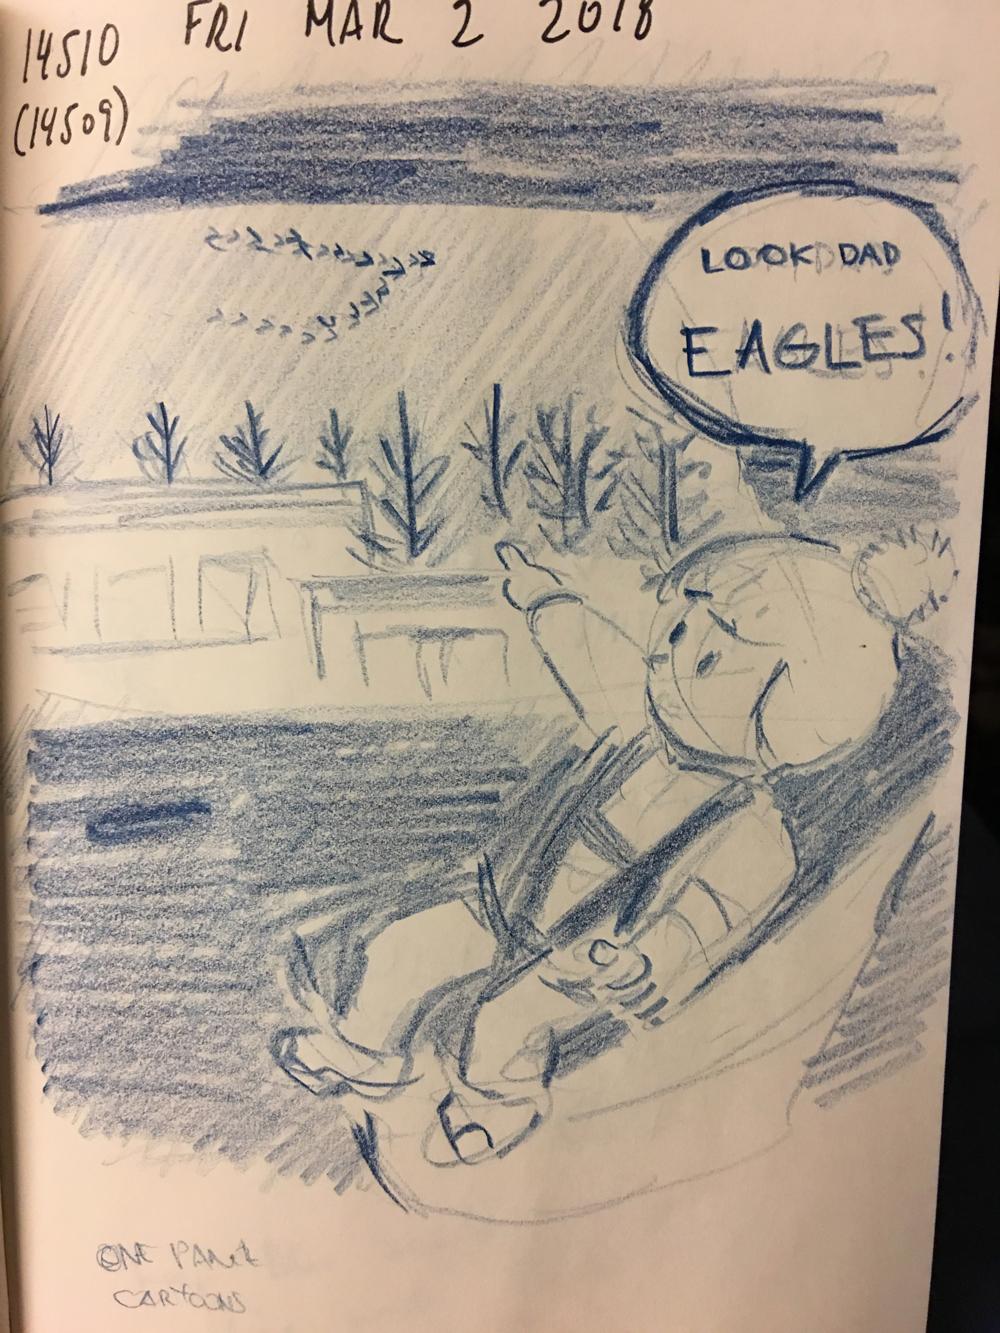 eaglesdad